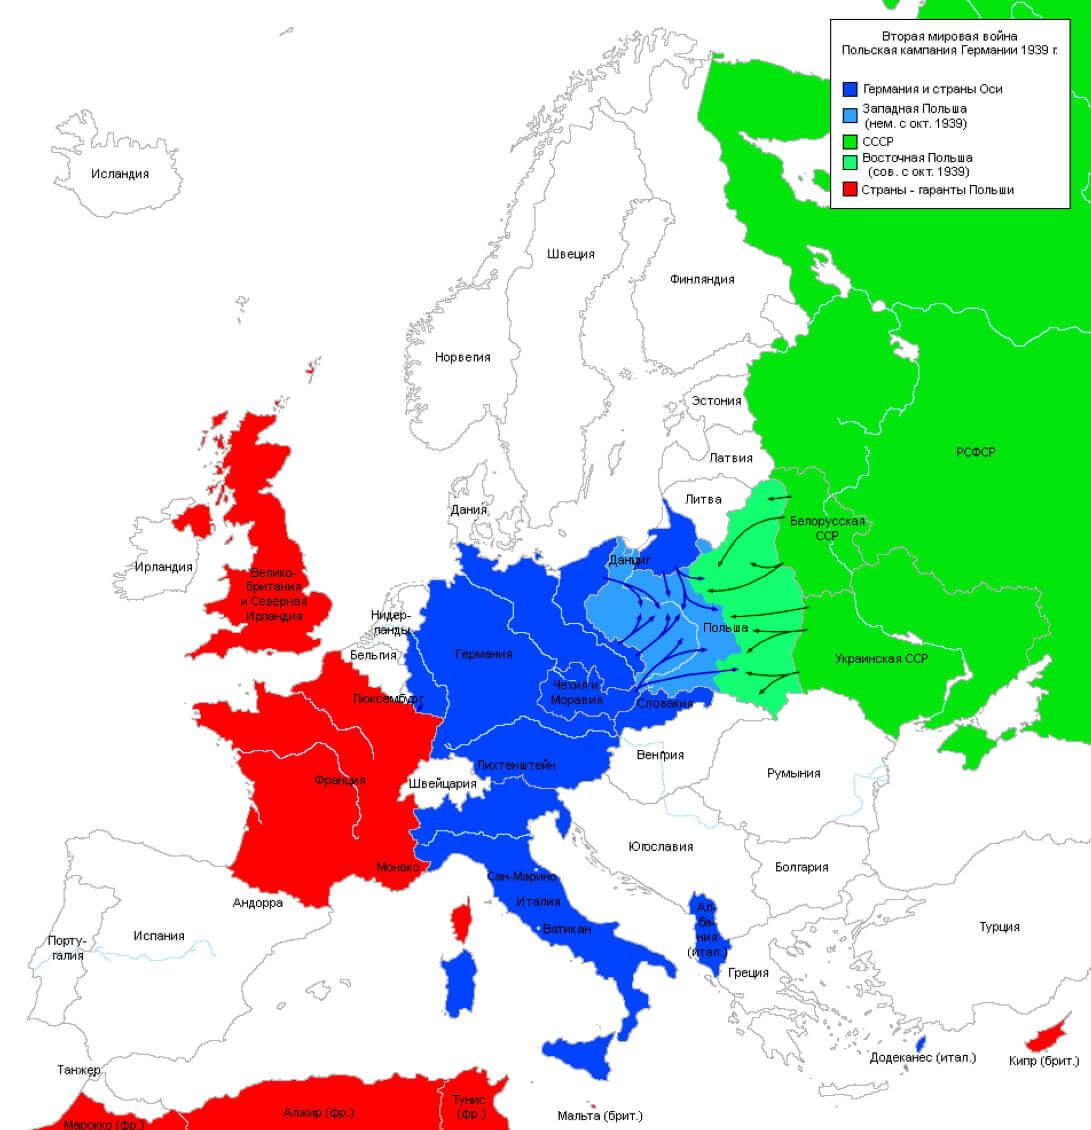 Раздел Польши в сентябре 1939 года / © Пястолов Евгений (русская версия) / ru.wikipedia.org